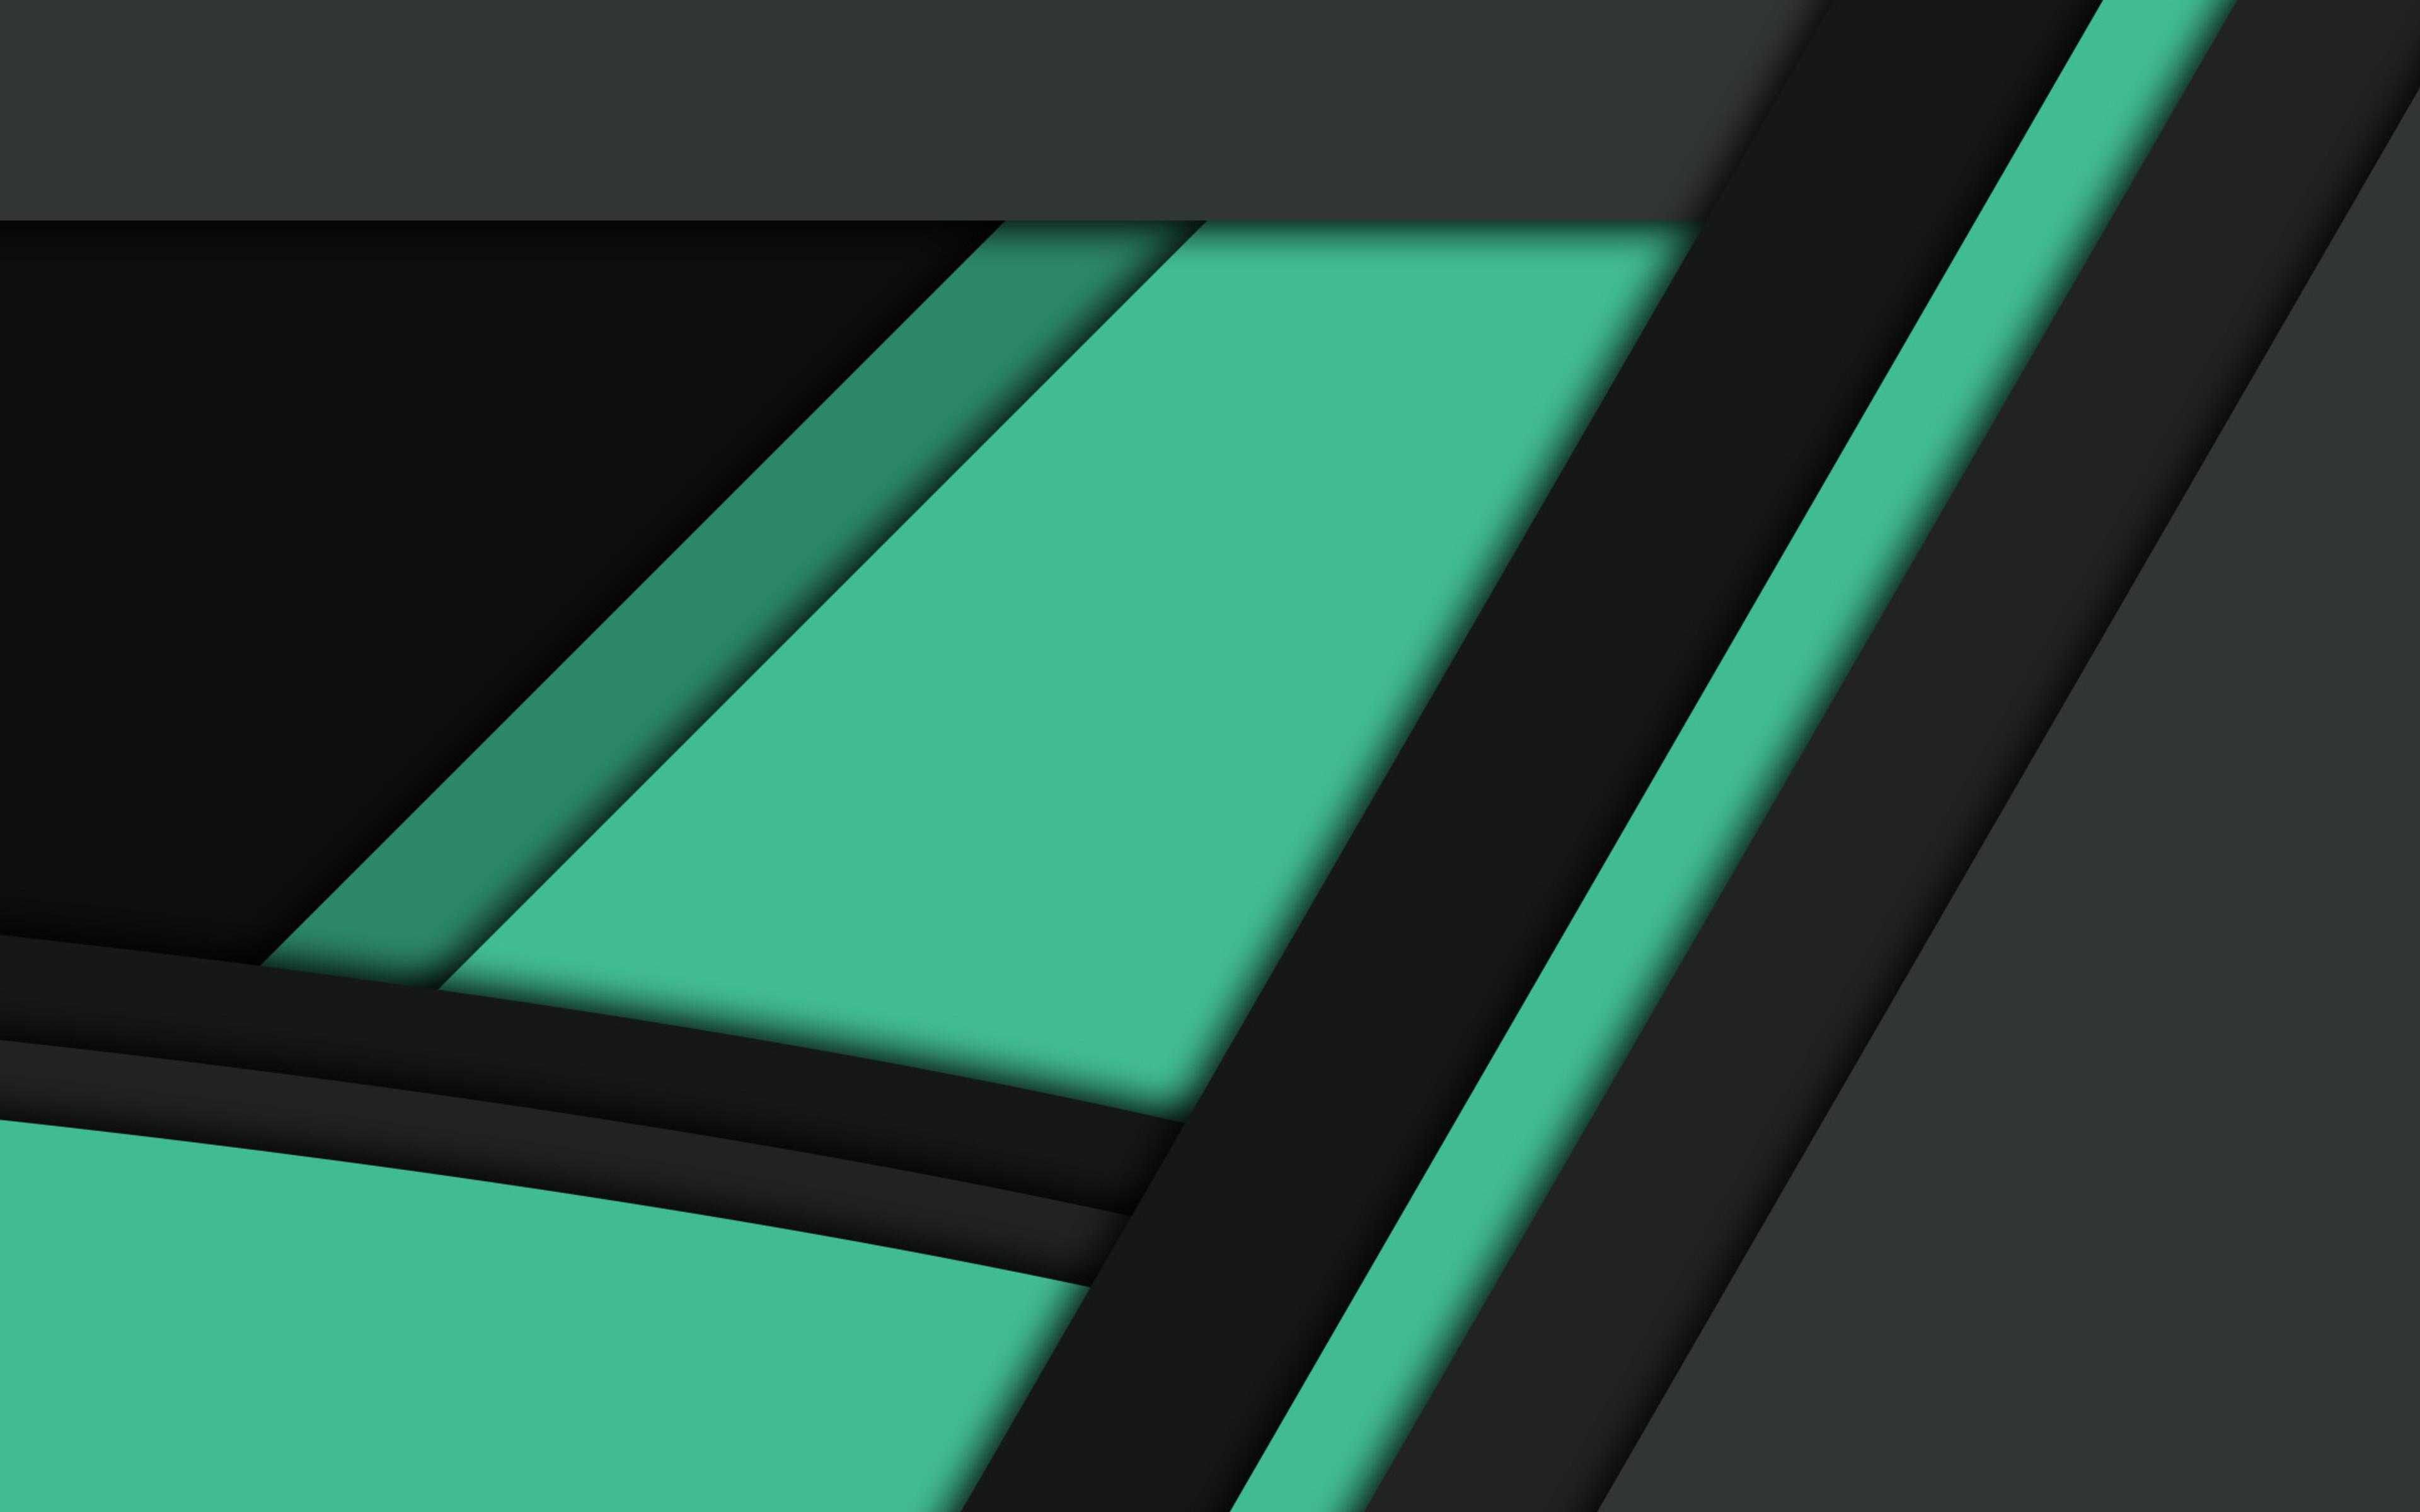 3840x2400 Black Green Material Design 4k HD 4k Wallpapers ...